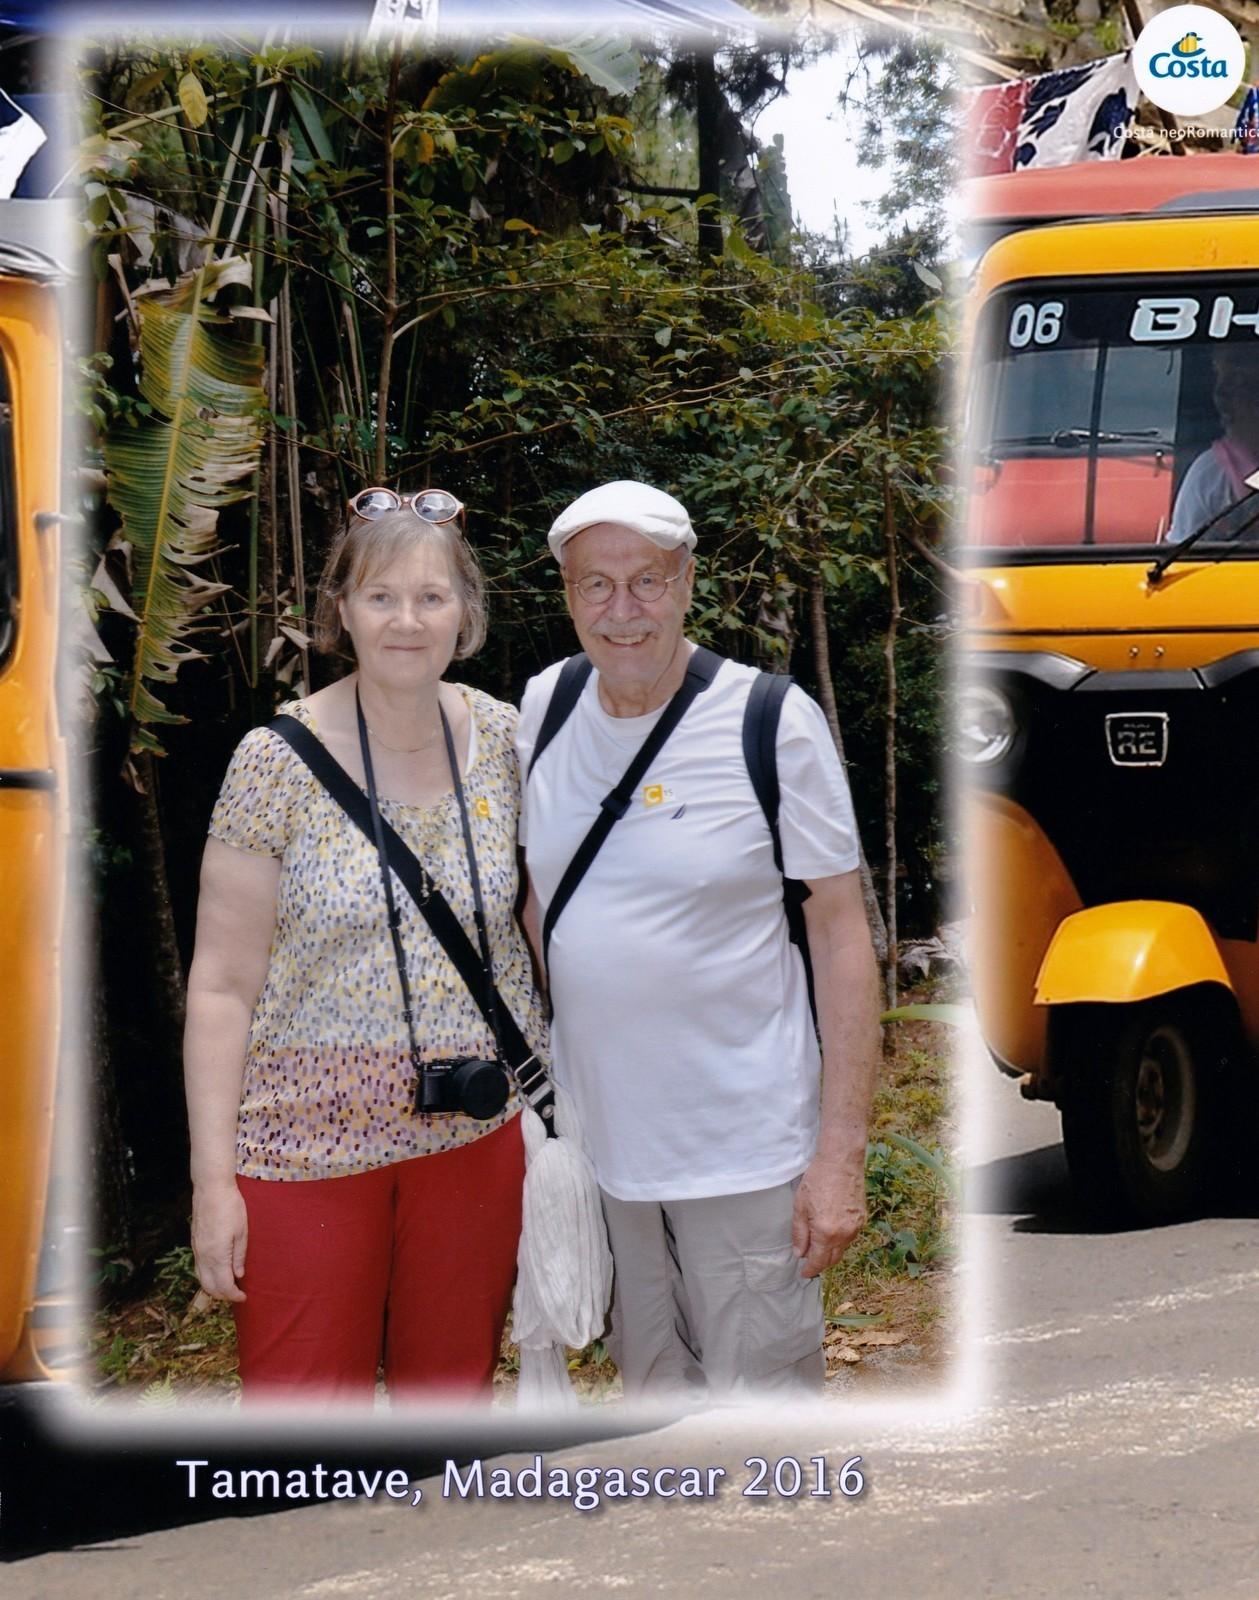 Costa Tamatave